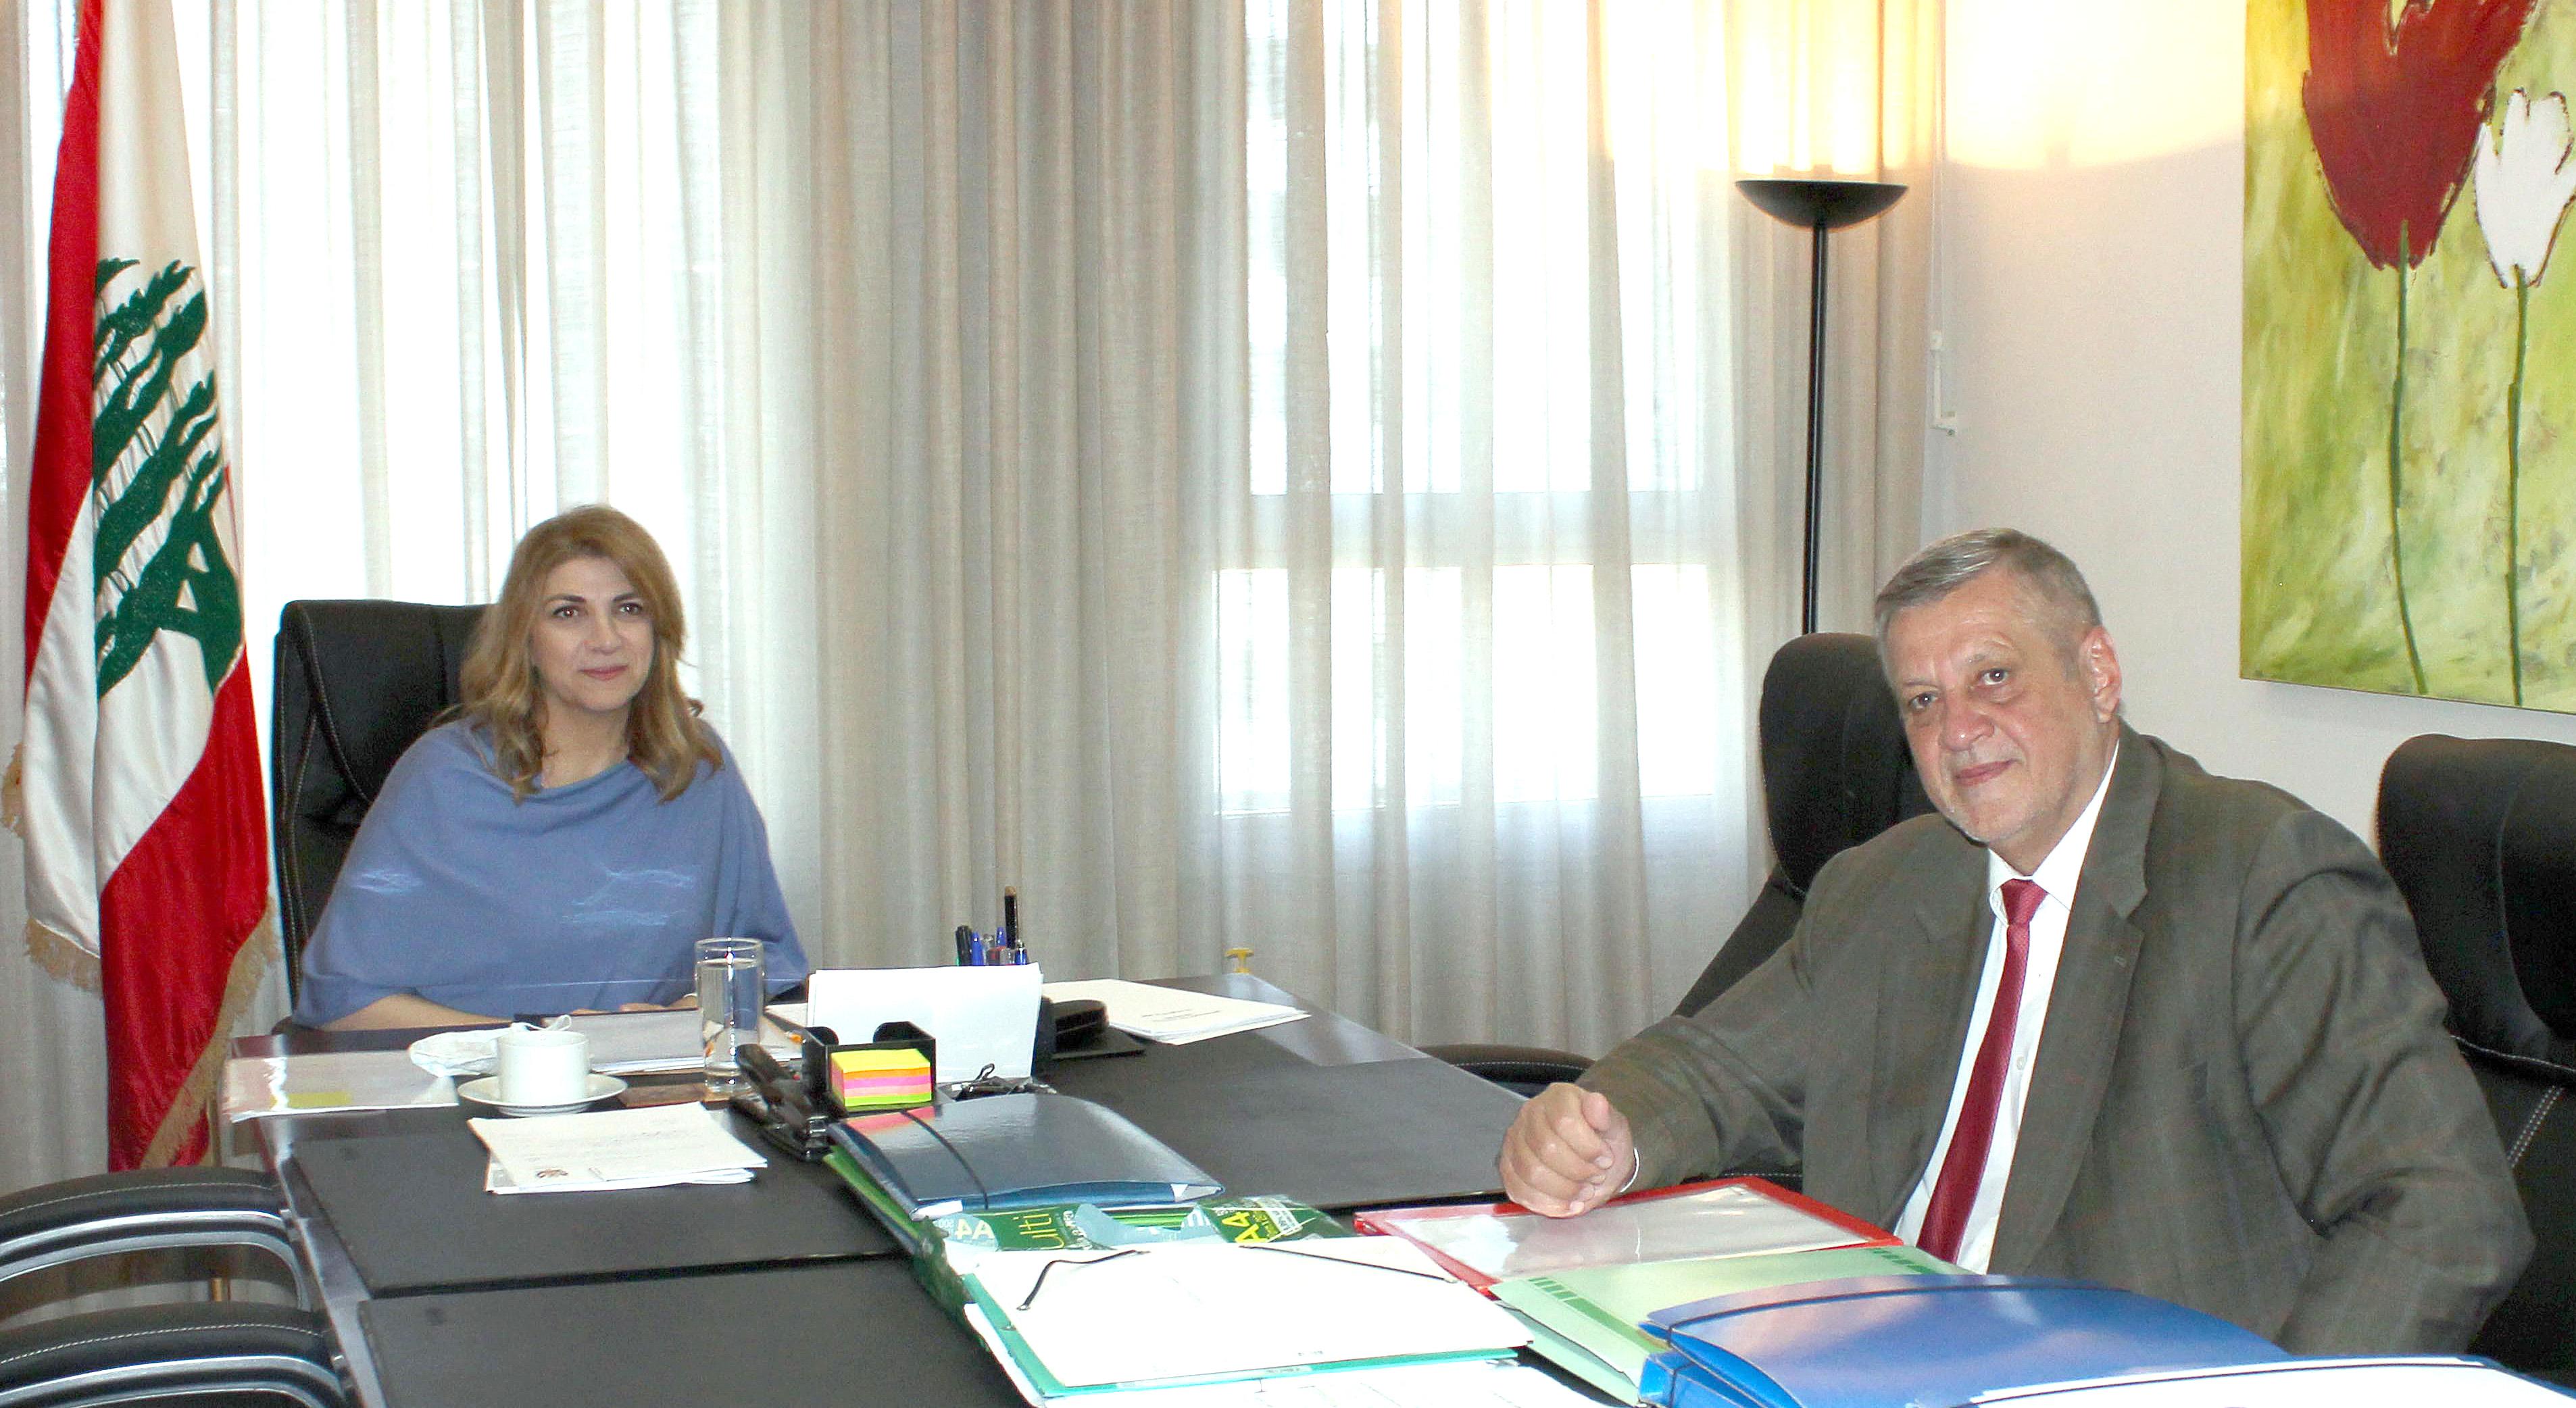 Minister Marie Claude Najem meets Mr Yan Kobish 1